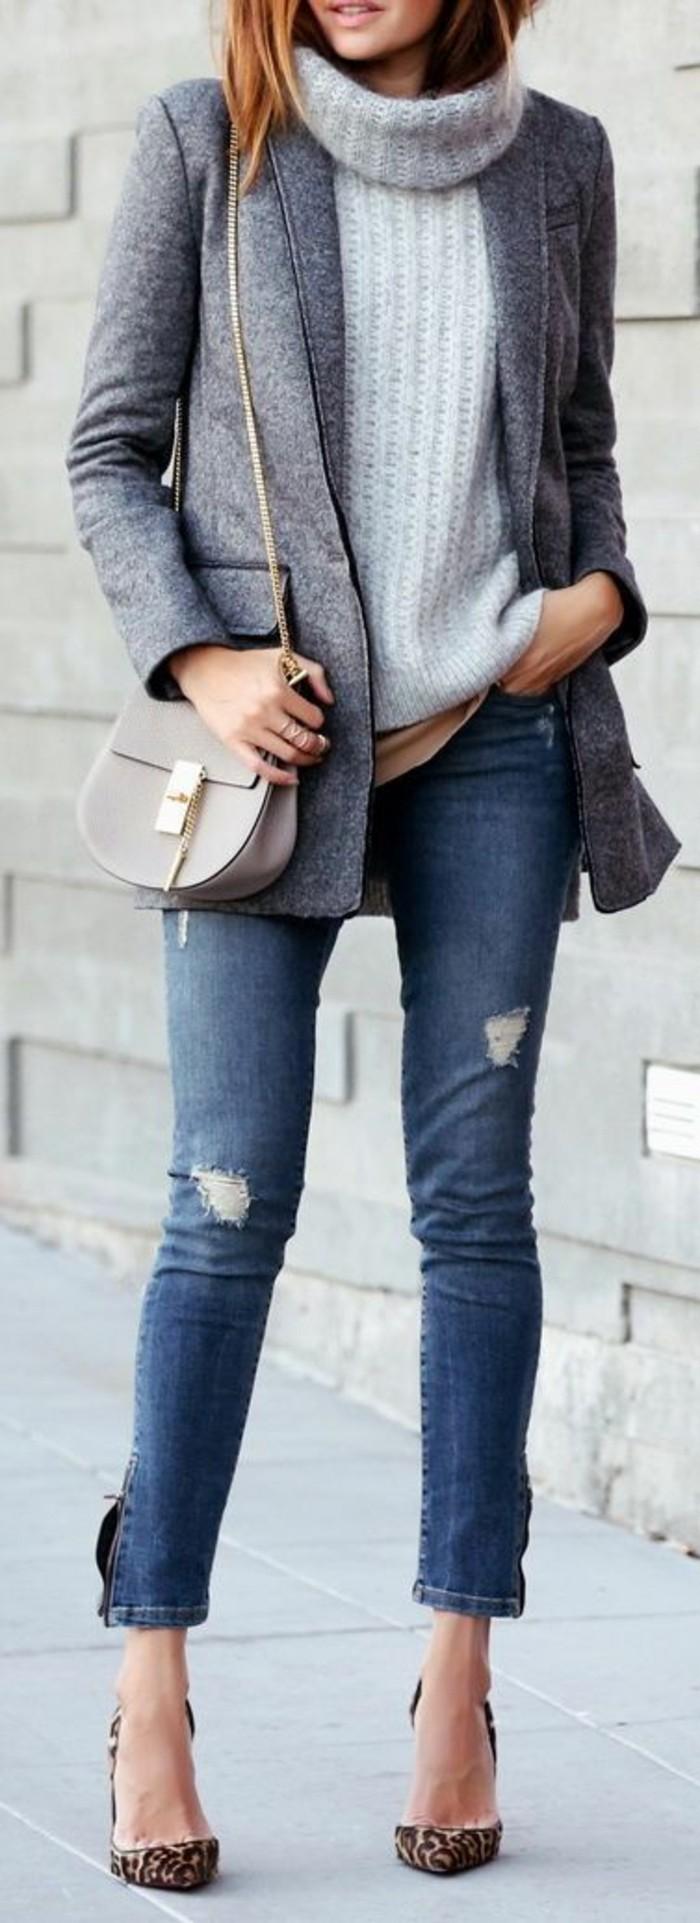 pull-chaud-femme-tendance-automne-hiver-jean-et-manteau-escarpins